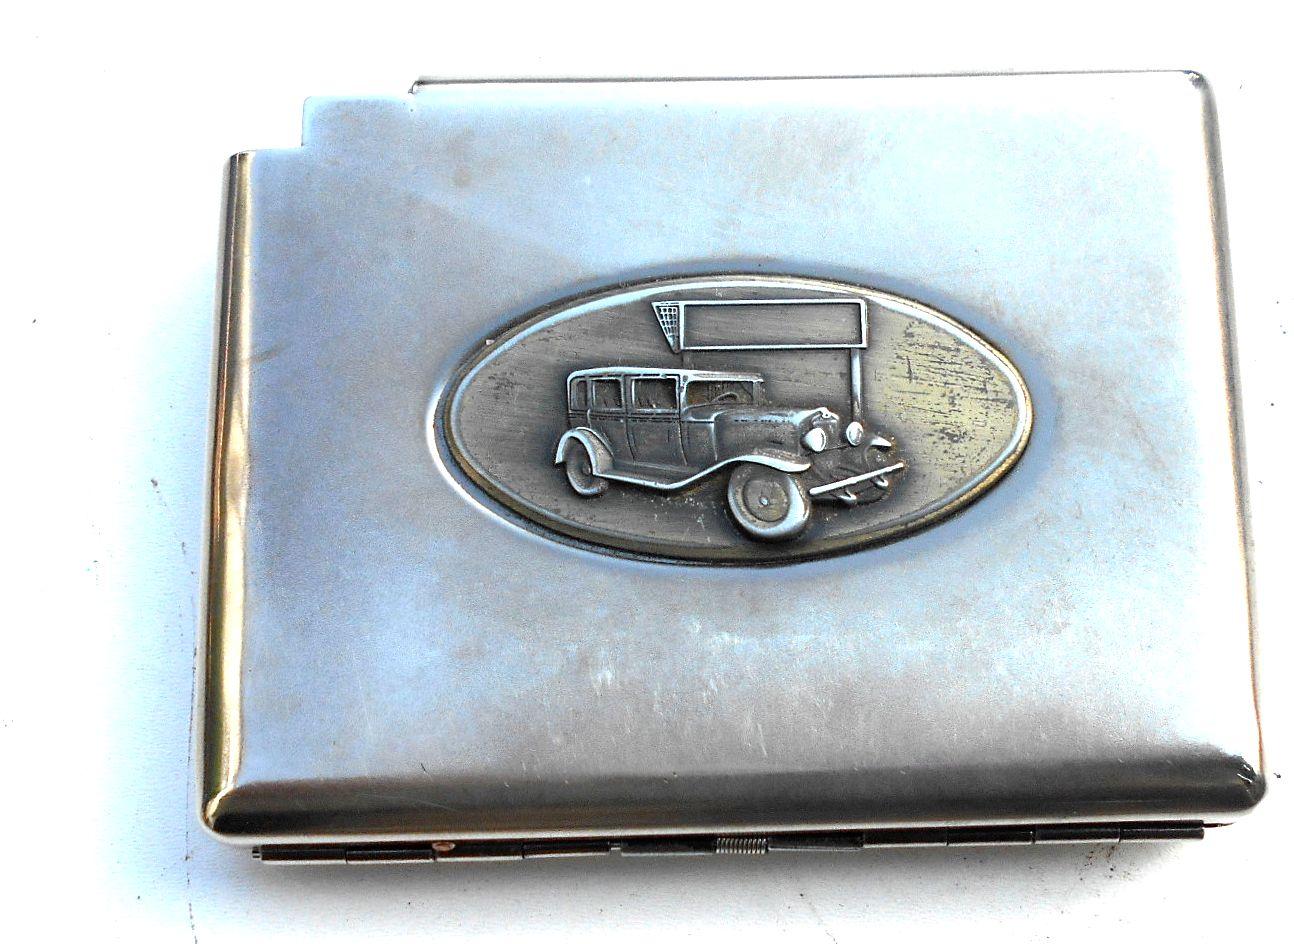 Cigareta prípade kovov s motívom auta,retro